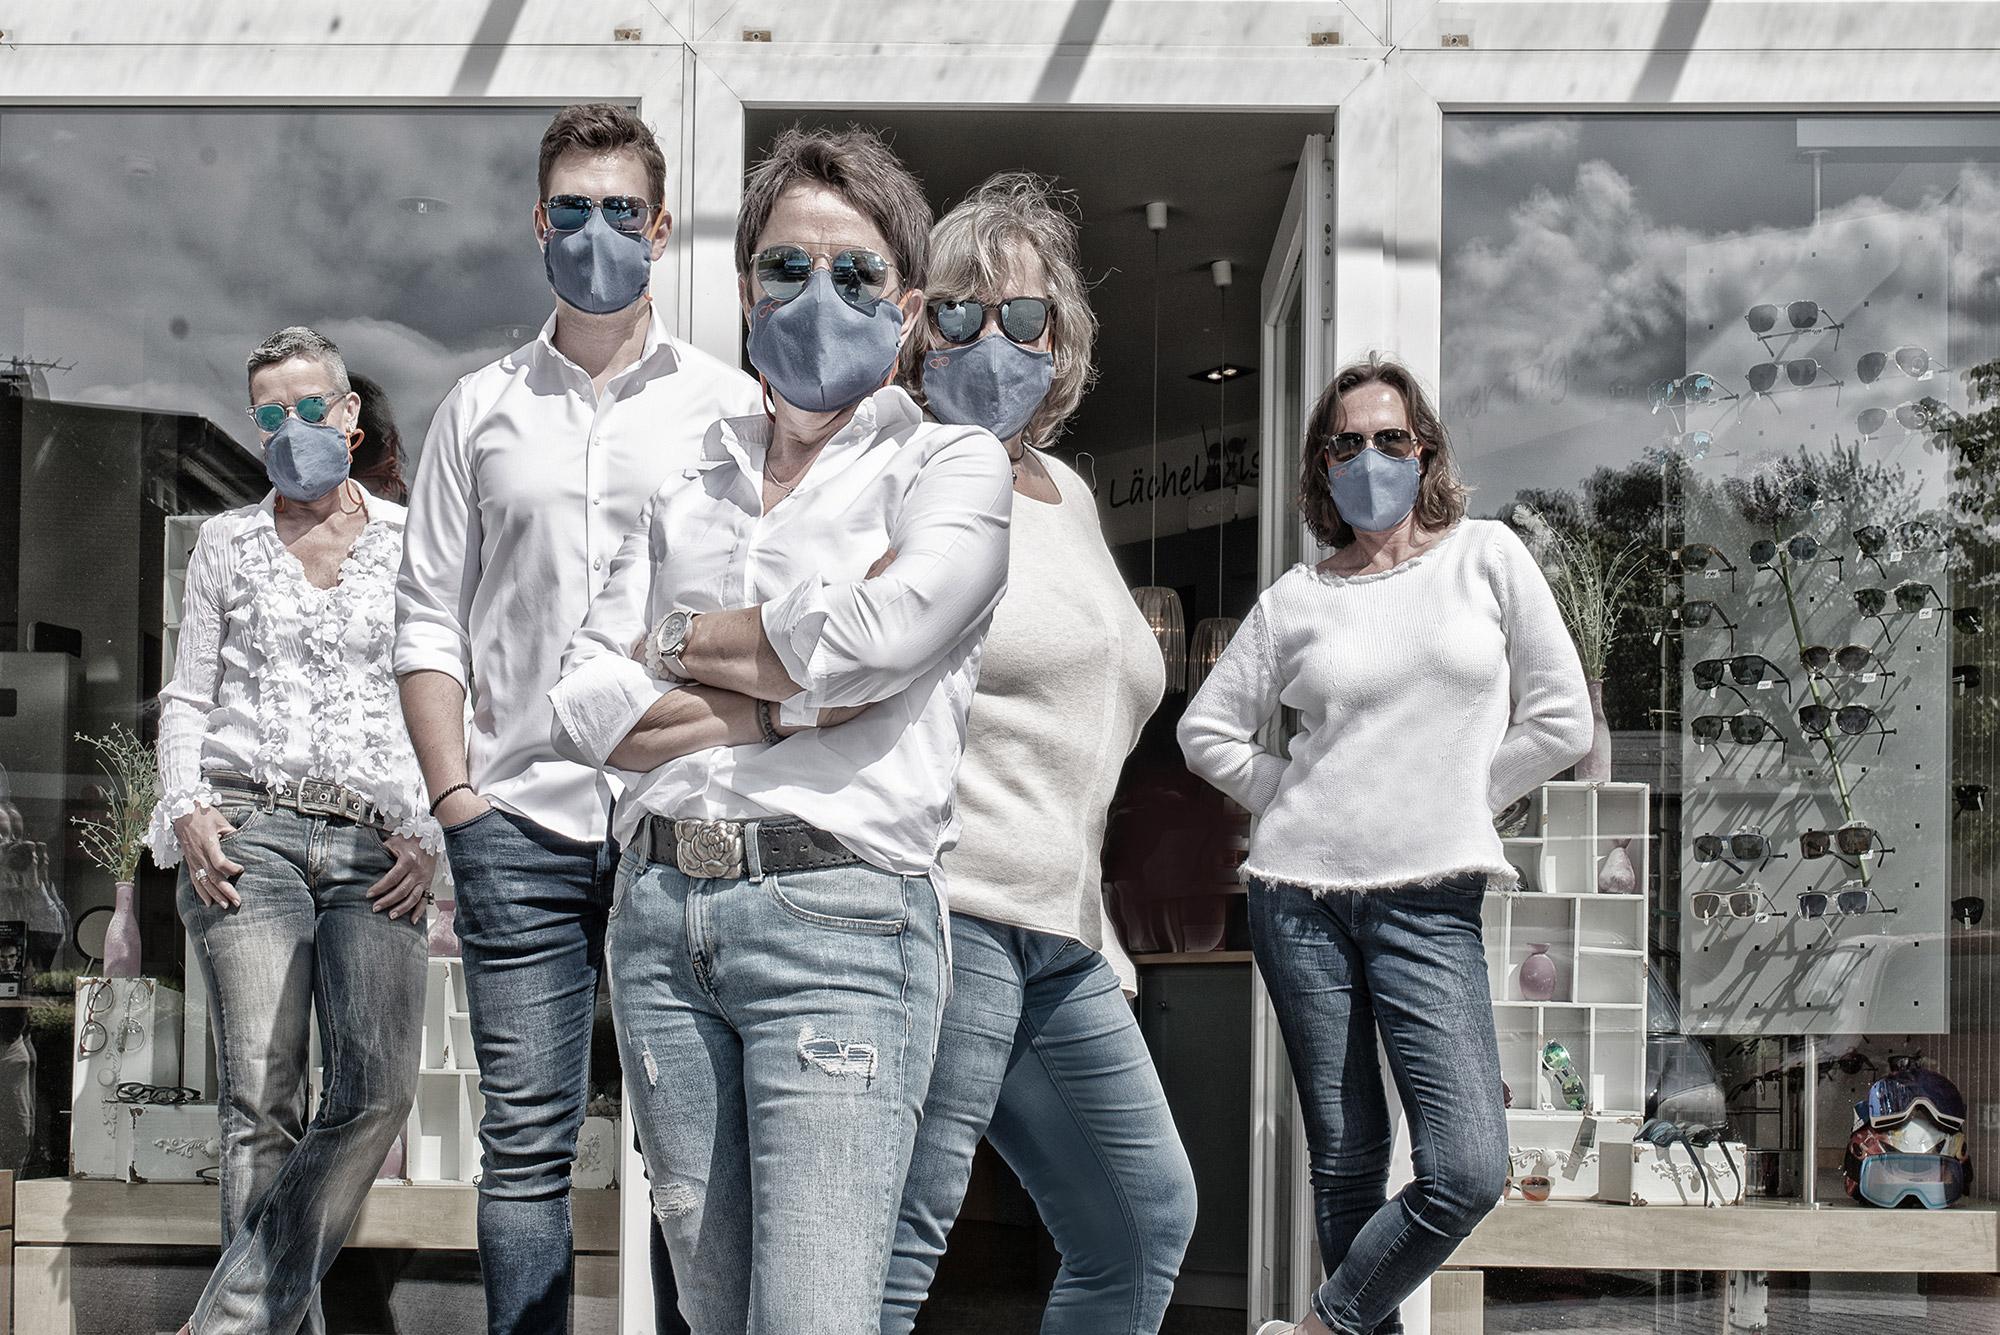 Personal posiert vor dem Geschft mit Schutzmasken